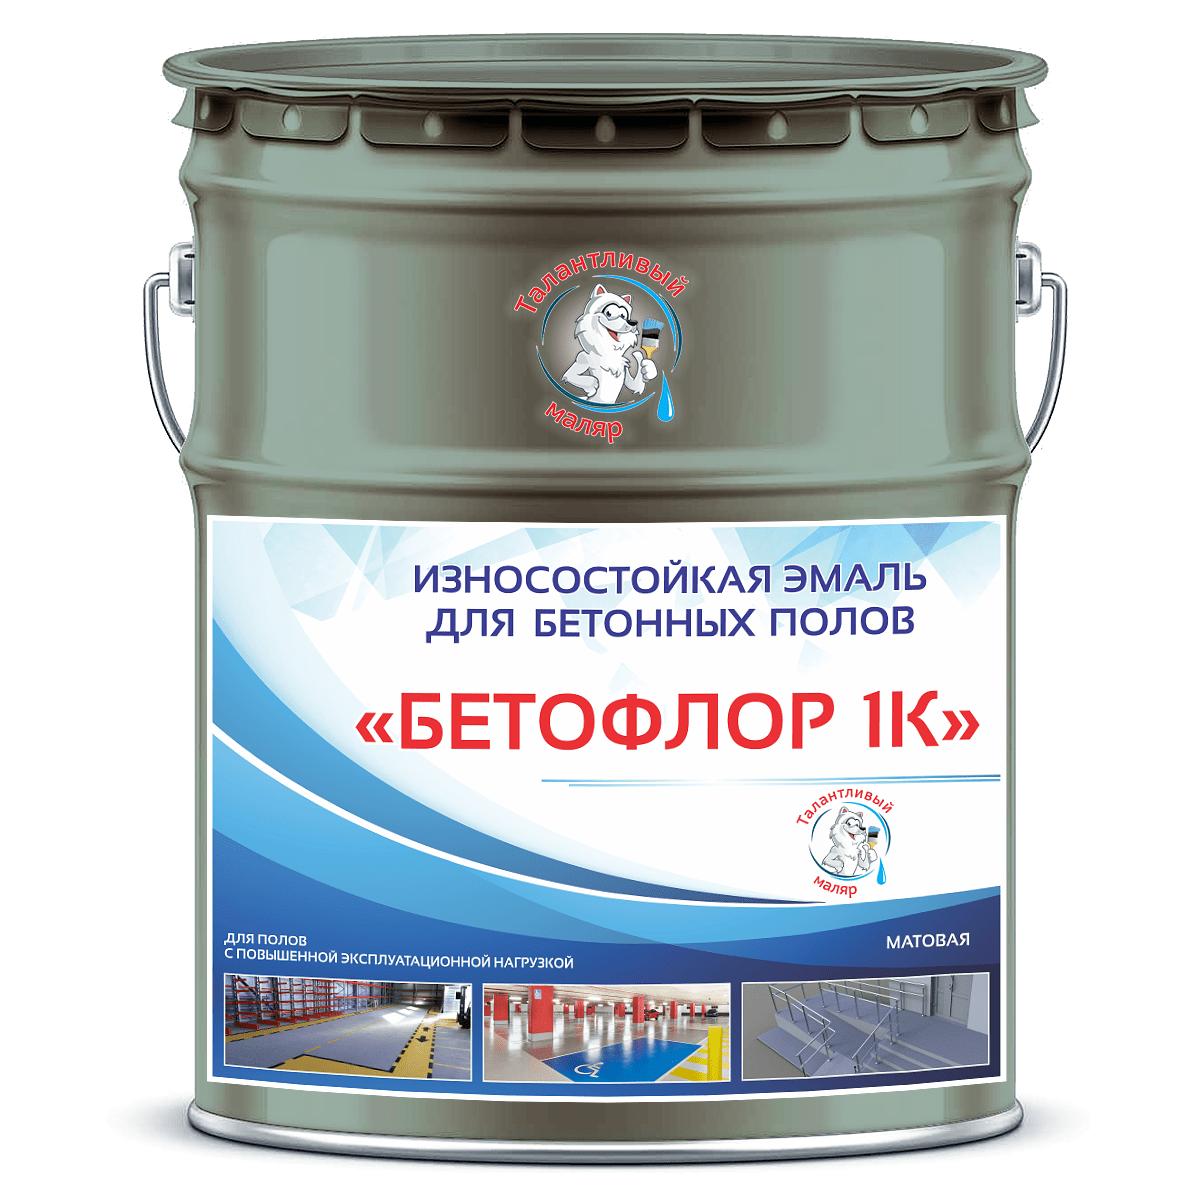 """Фото 3 - BF7002 Эмаль для бетонных полов """"Бетофлор"""" 1К цвет RAL 7002 Оливково-серый, матовая износостойкая, 25 кг """"Талантливый Маляр""""."""